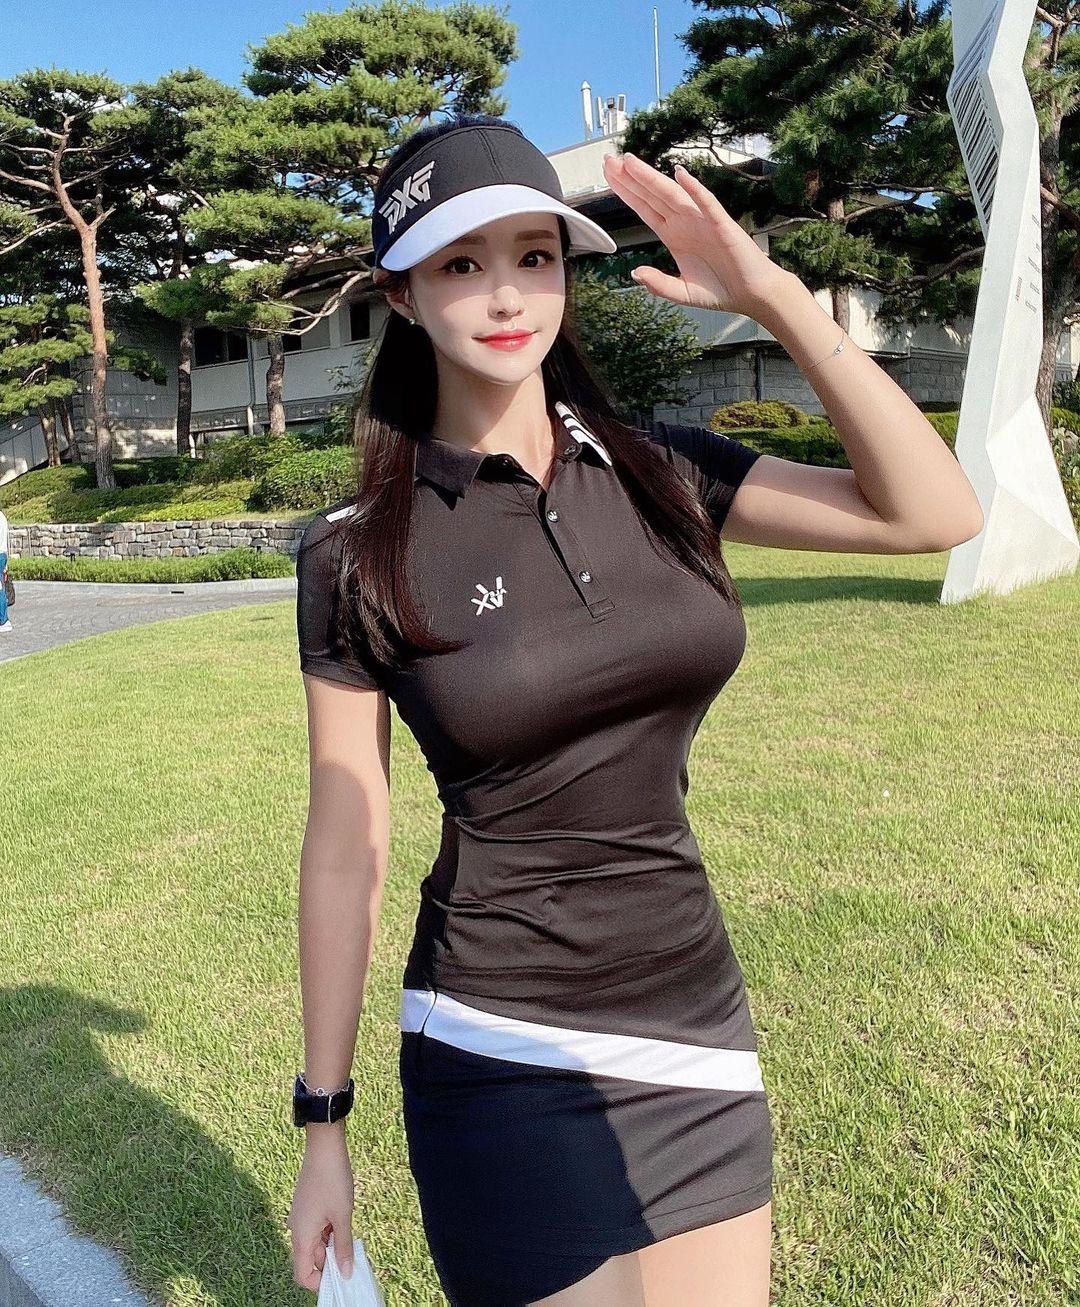 韩国美女主播「尹浩延」爱打高尔夫.球衣衬托超吸睛 养眼图片 第9张